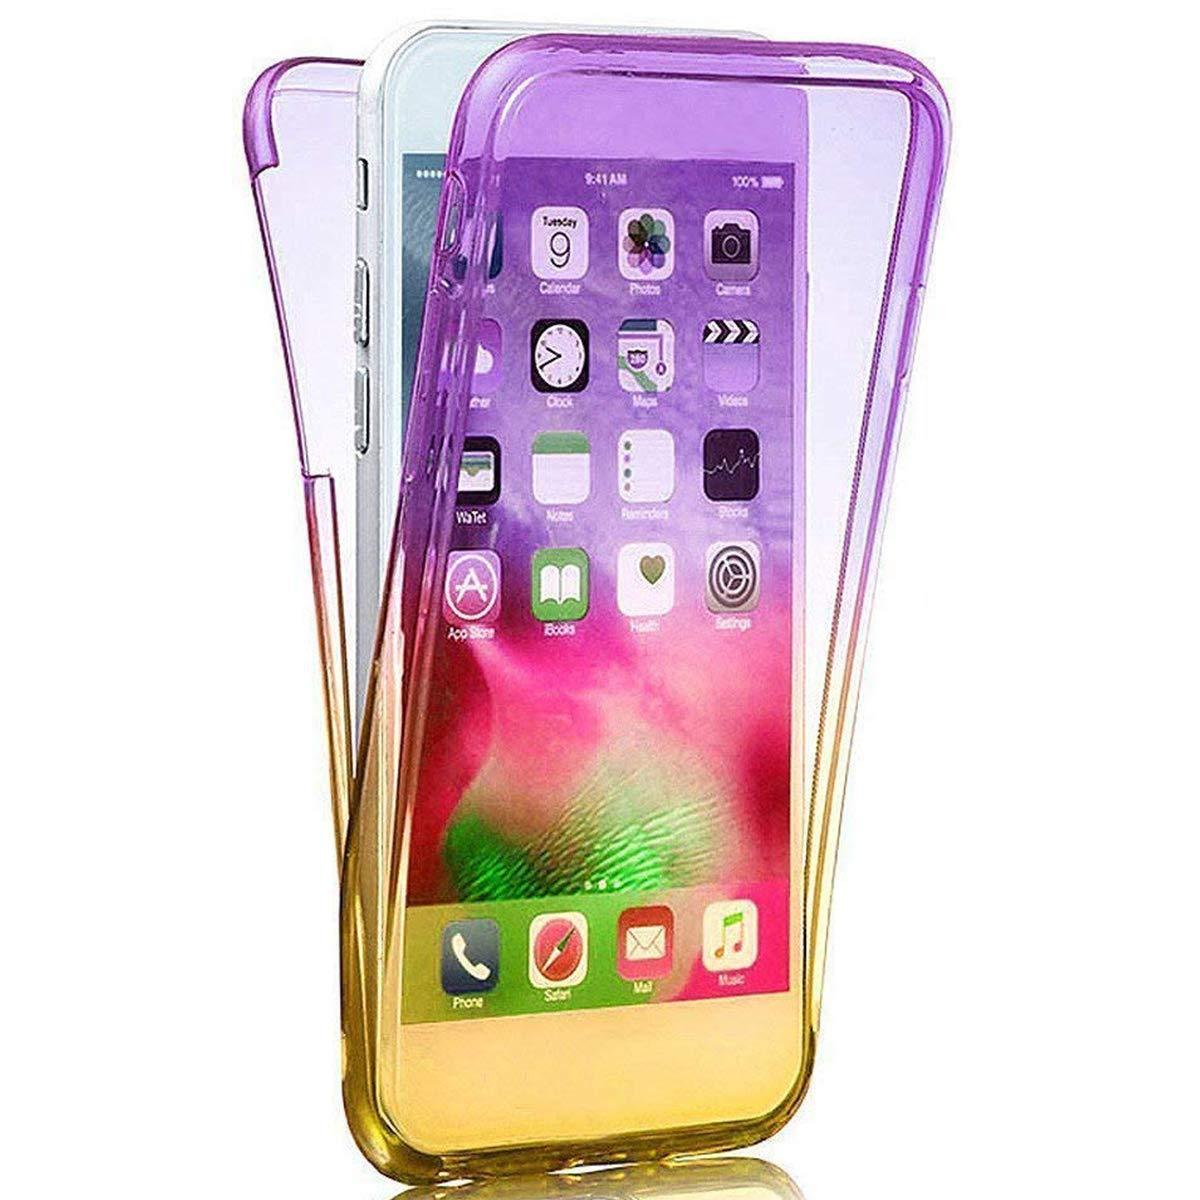 Kompatibel mit iPhone XR H/ülle 360 Grad Full Body Transparent Silikon TPU Cover Vorne und Hinten Kratzfest 3 in 1 Gl/änzend Glitzer Schutzh/ülle Case f/ür iPhone XR 6.1 Zoll,Silber